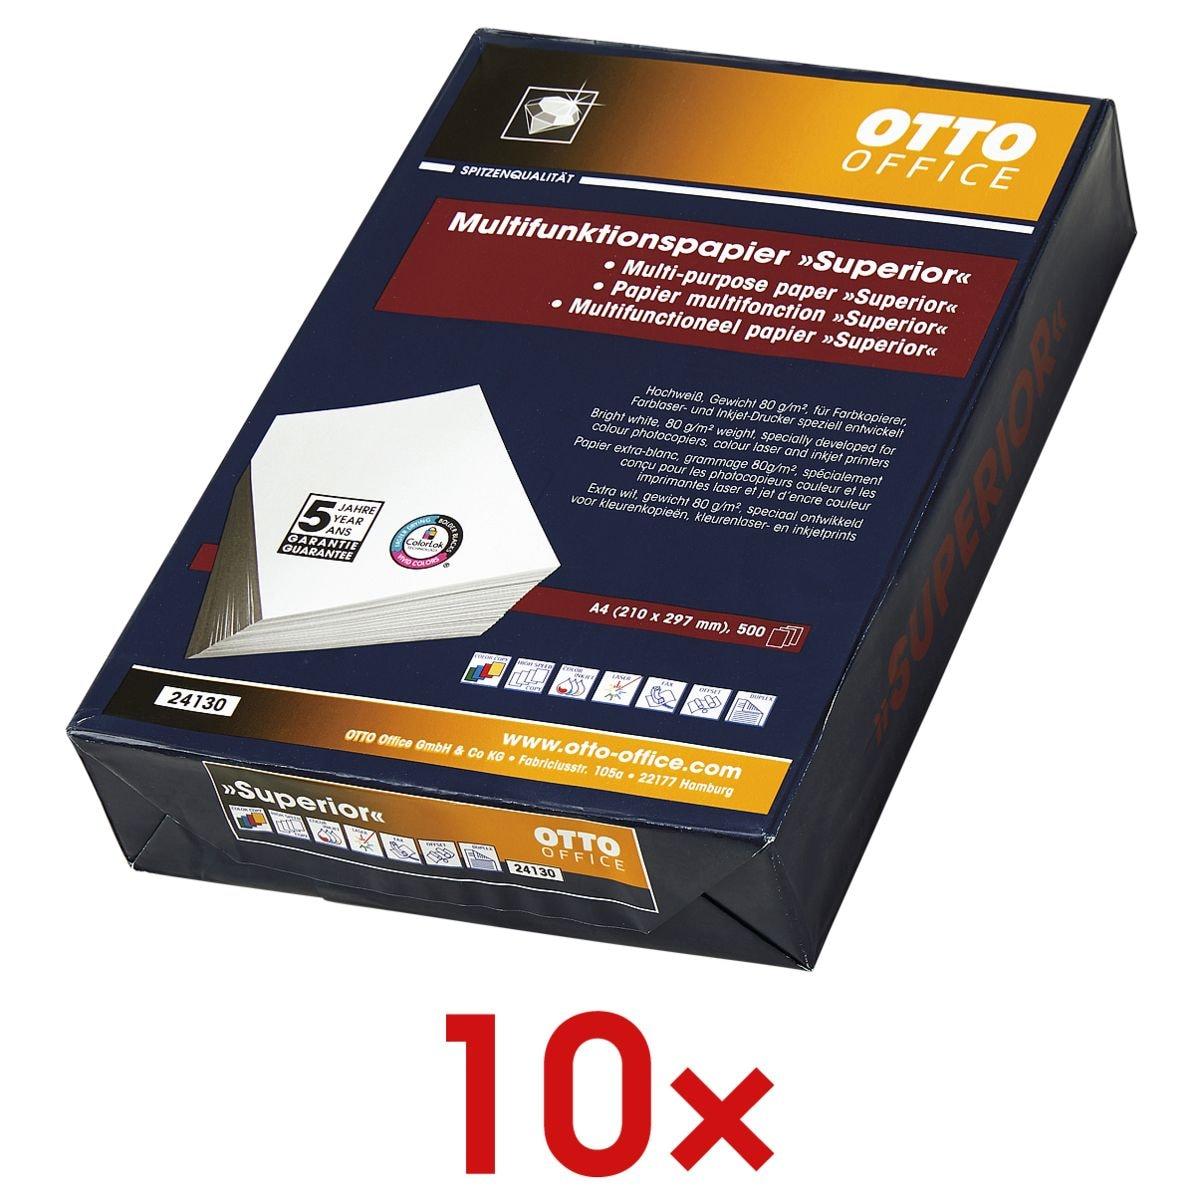 10x Multifunktionales Druckerpapier A4 OTTO Office Premium Superior - 5000 Blatt gesamt